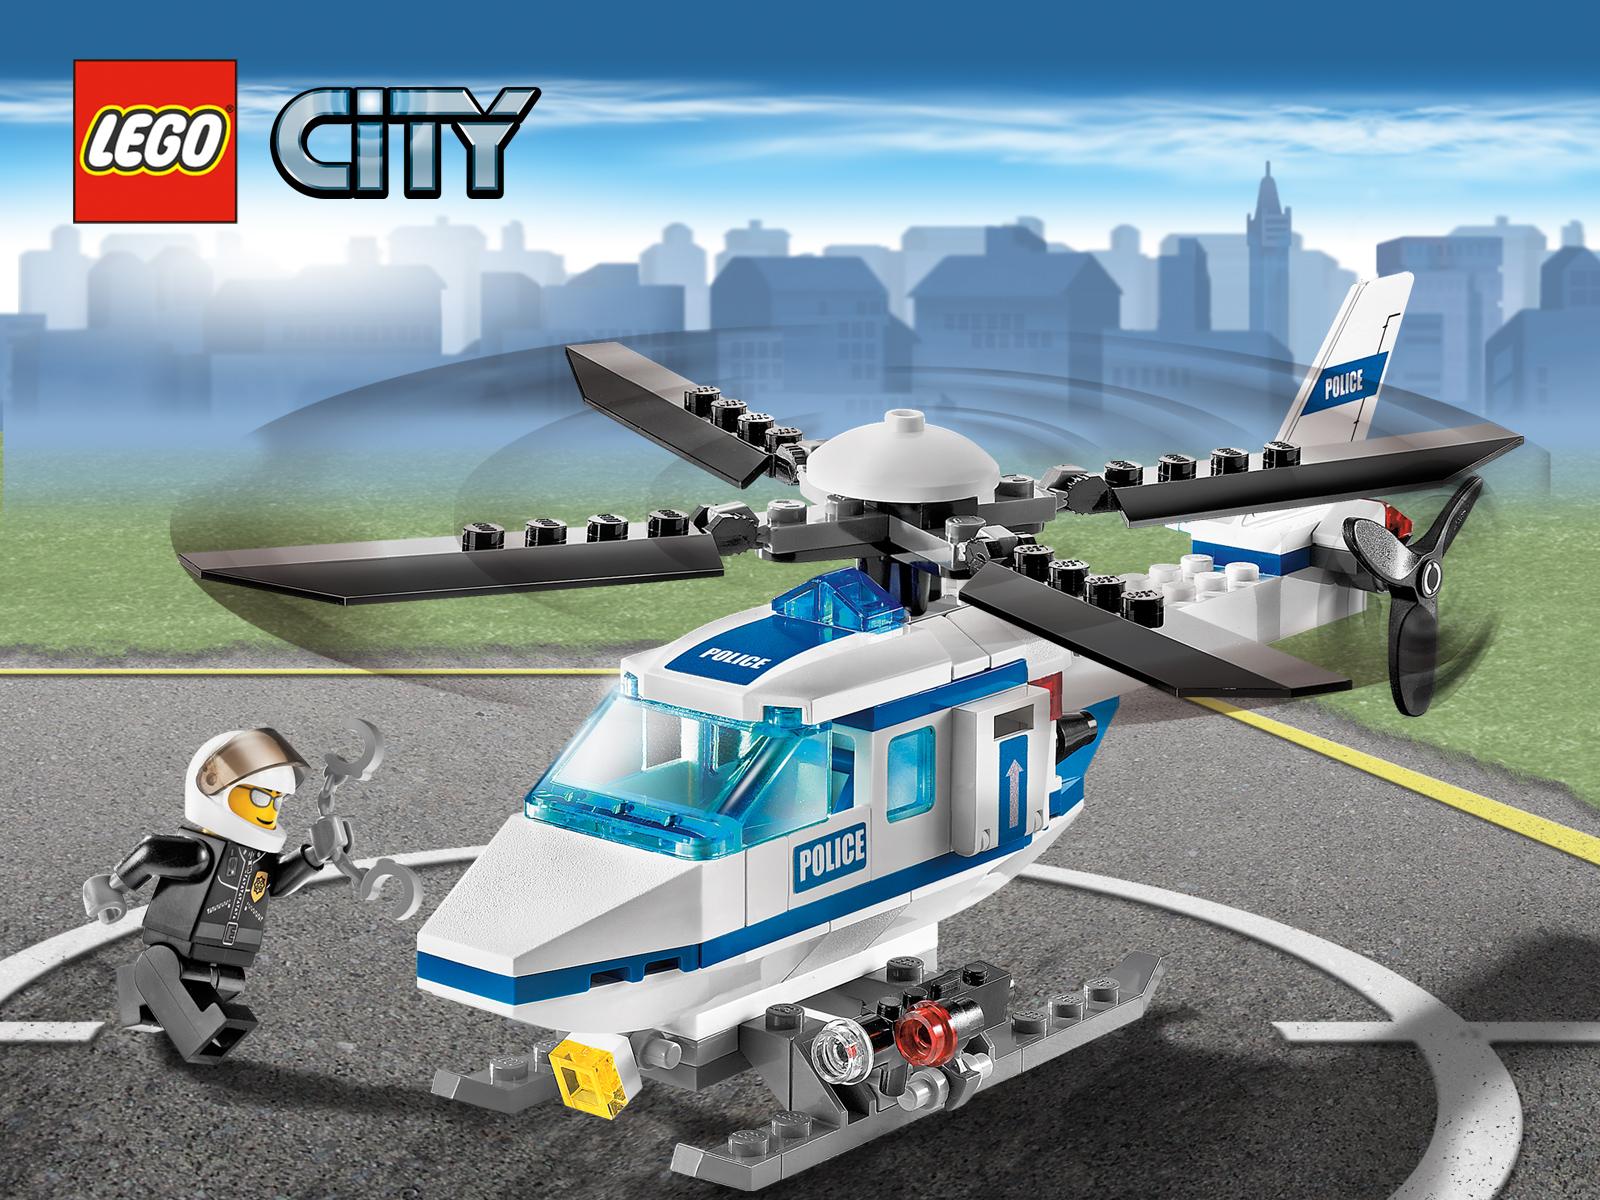 Lego City Wallpaper Wallpapersafari